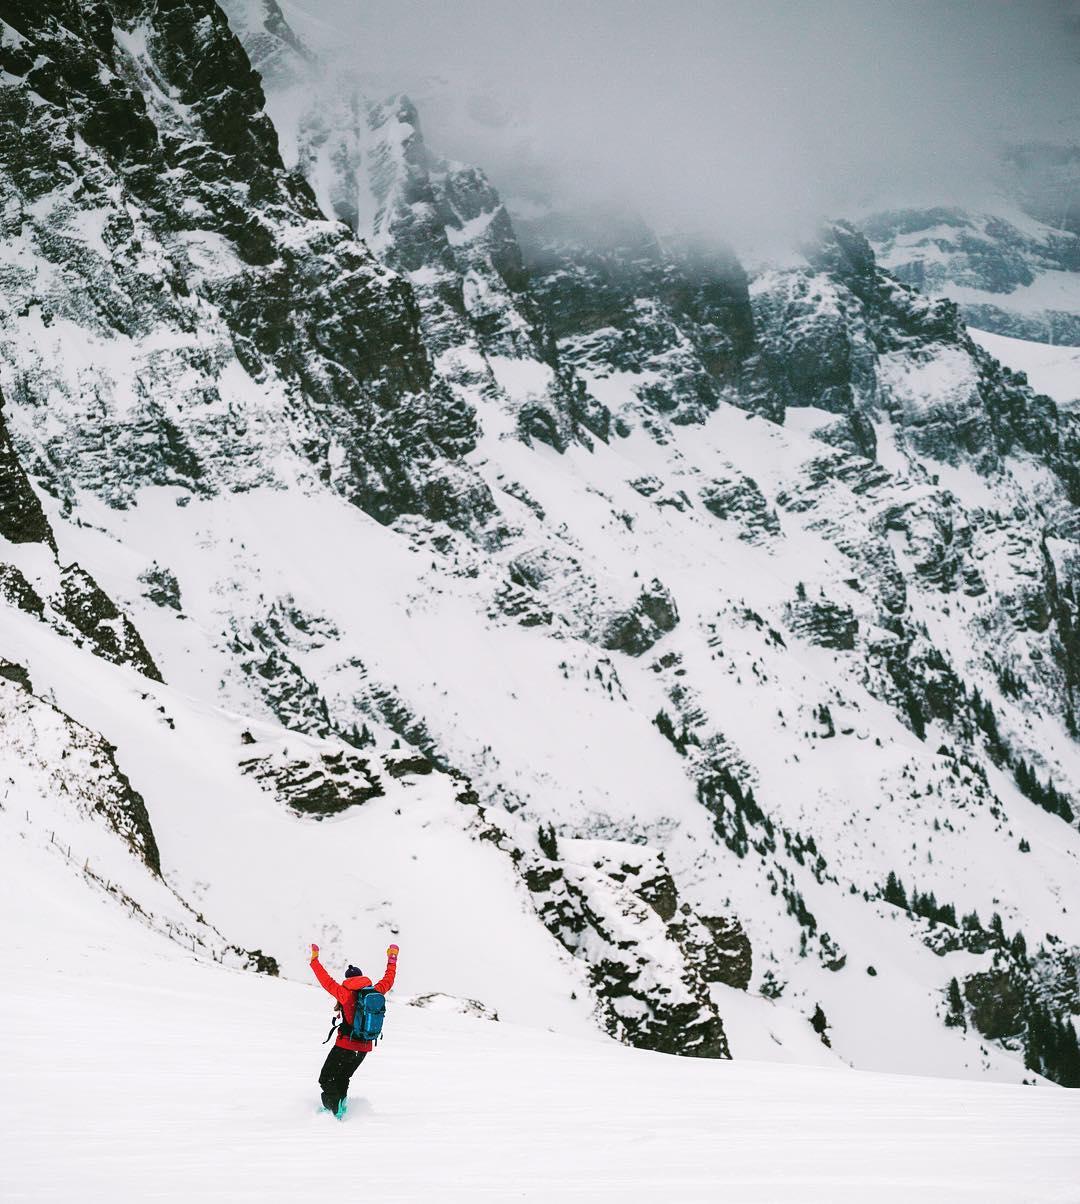 yay snow! ❄️ @alisonsadventures  #inLOVEwithSWITZERLAND  @myinterlaken @myswitzerland  @nichesnowboards